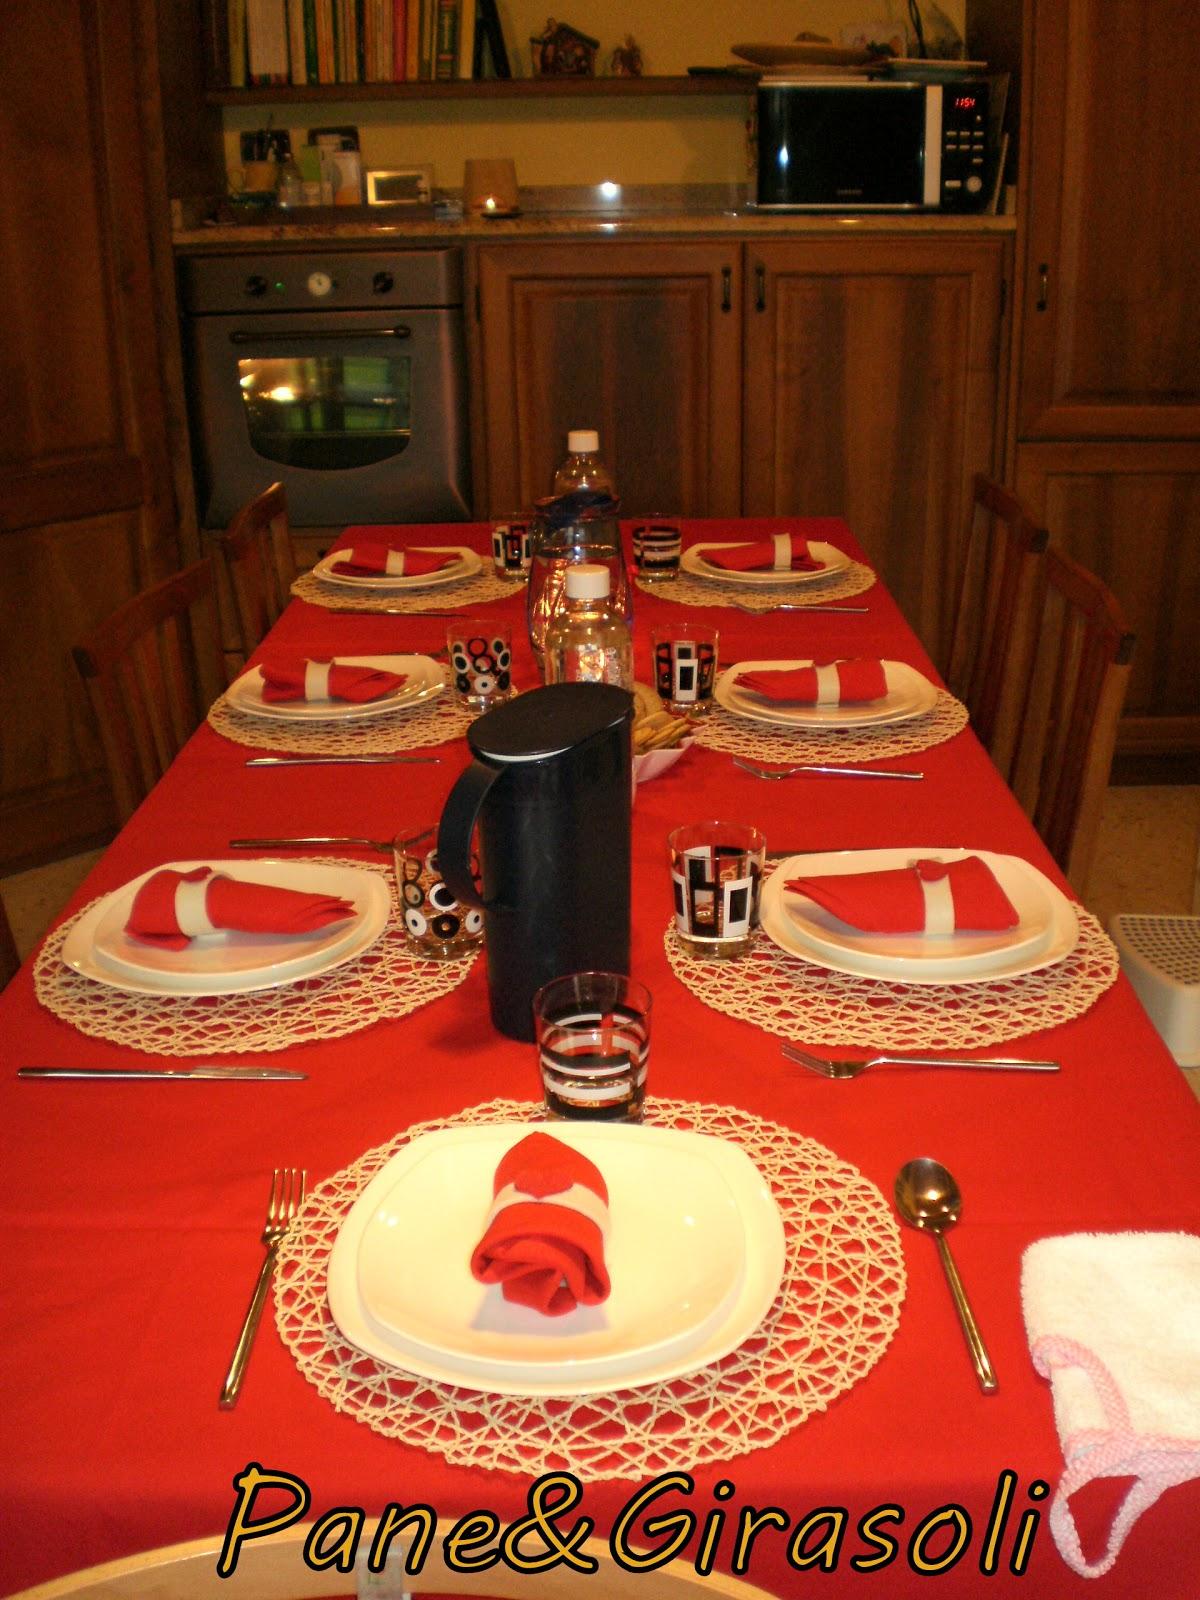 Pane girasoli una bella tavola apparecchiata - Una bella tavola apparecchiata ...